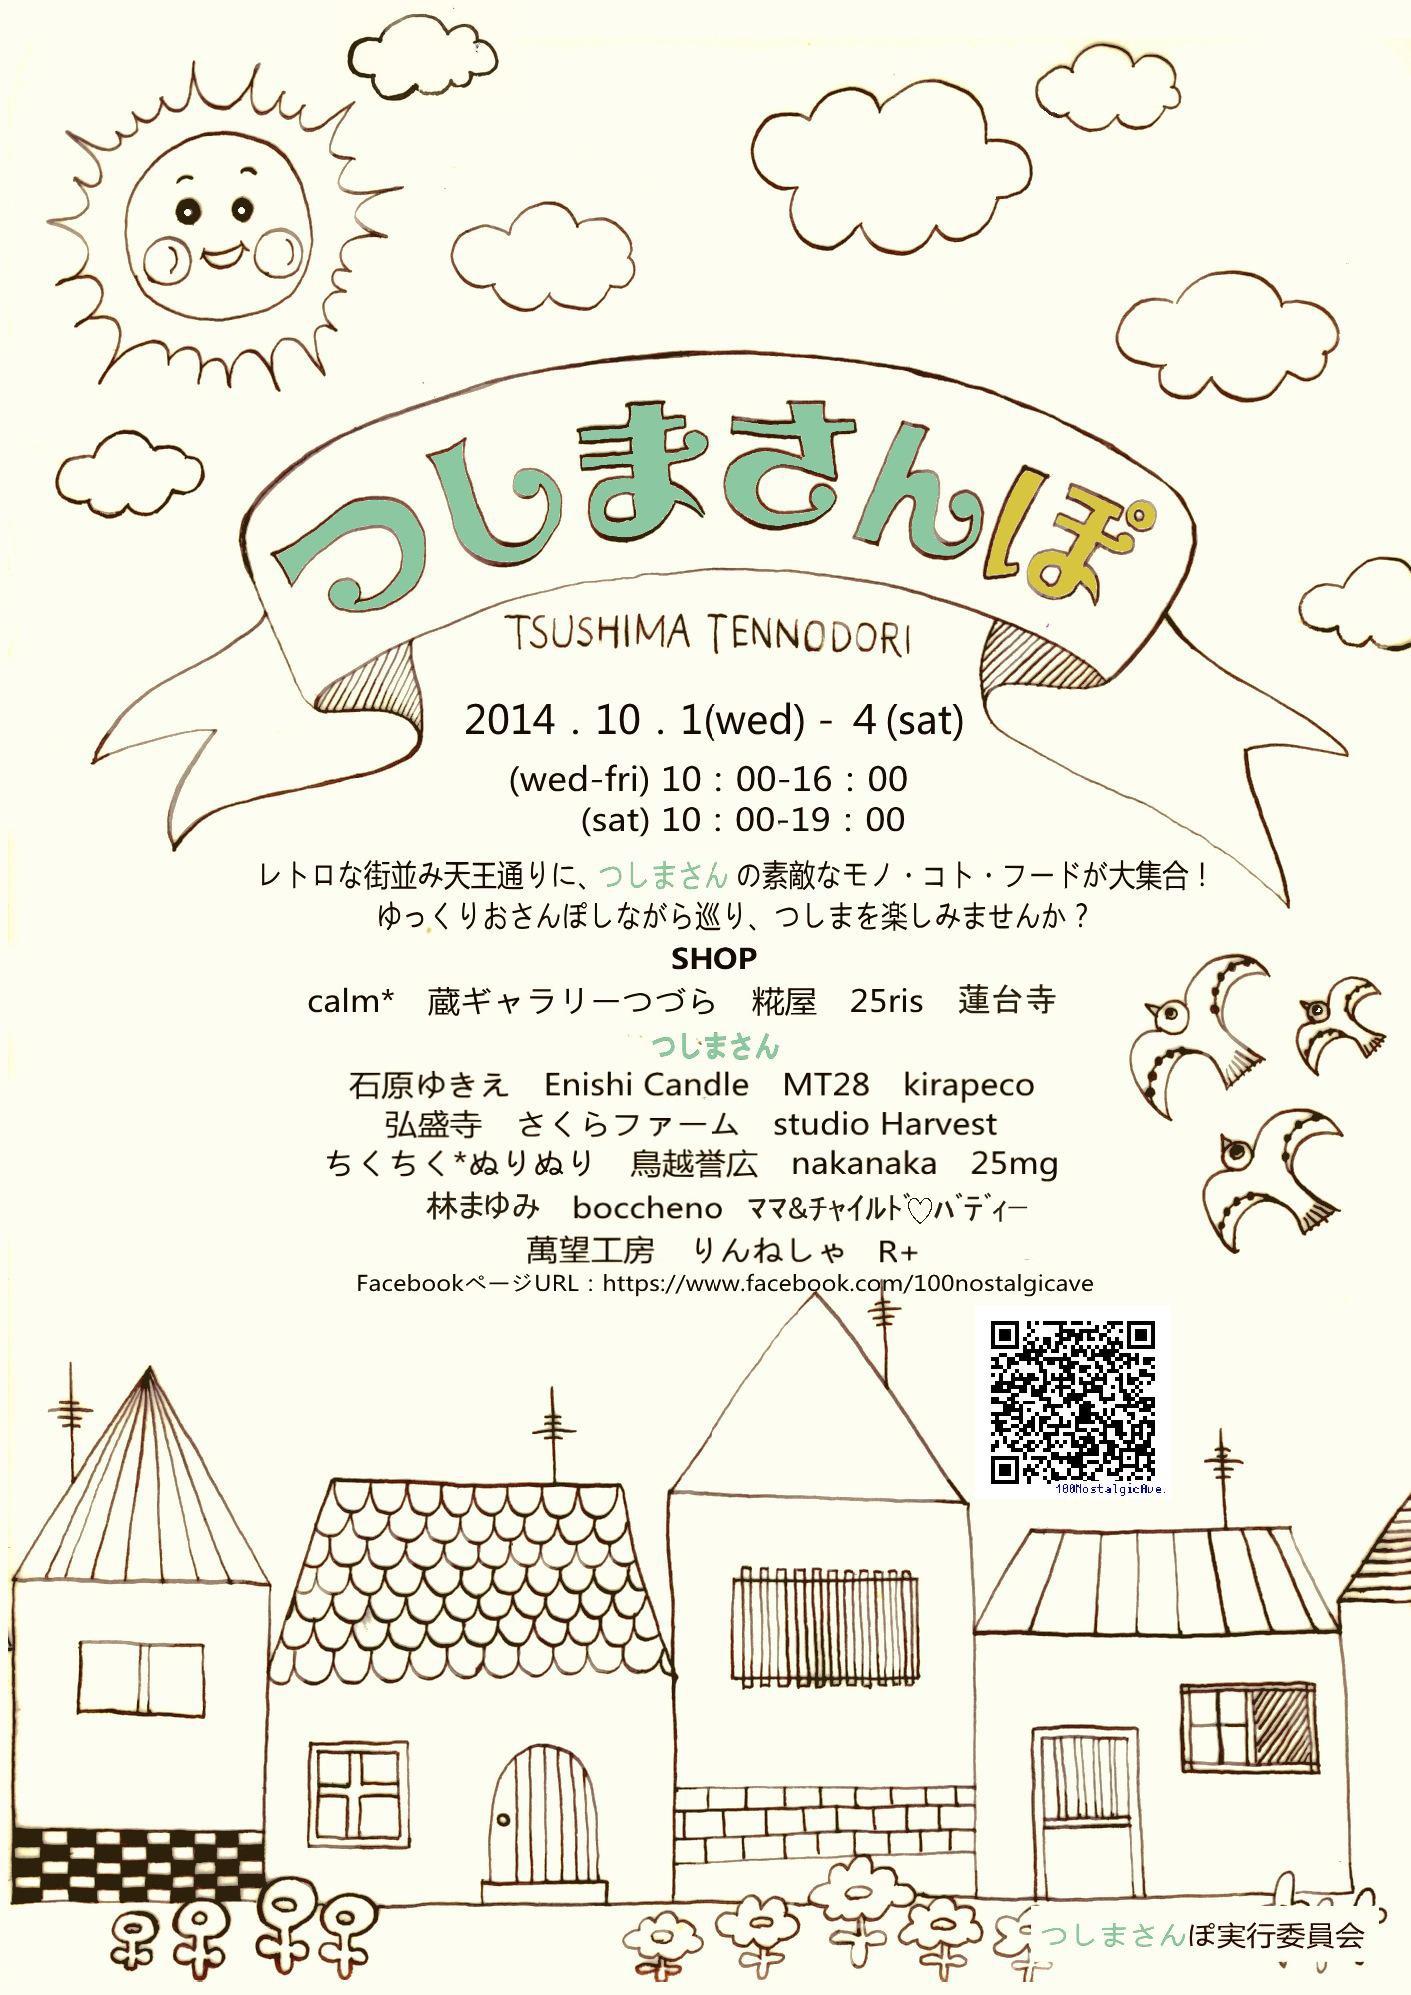 tsushimasanpo1.jpg